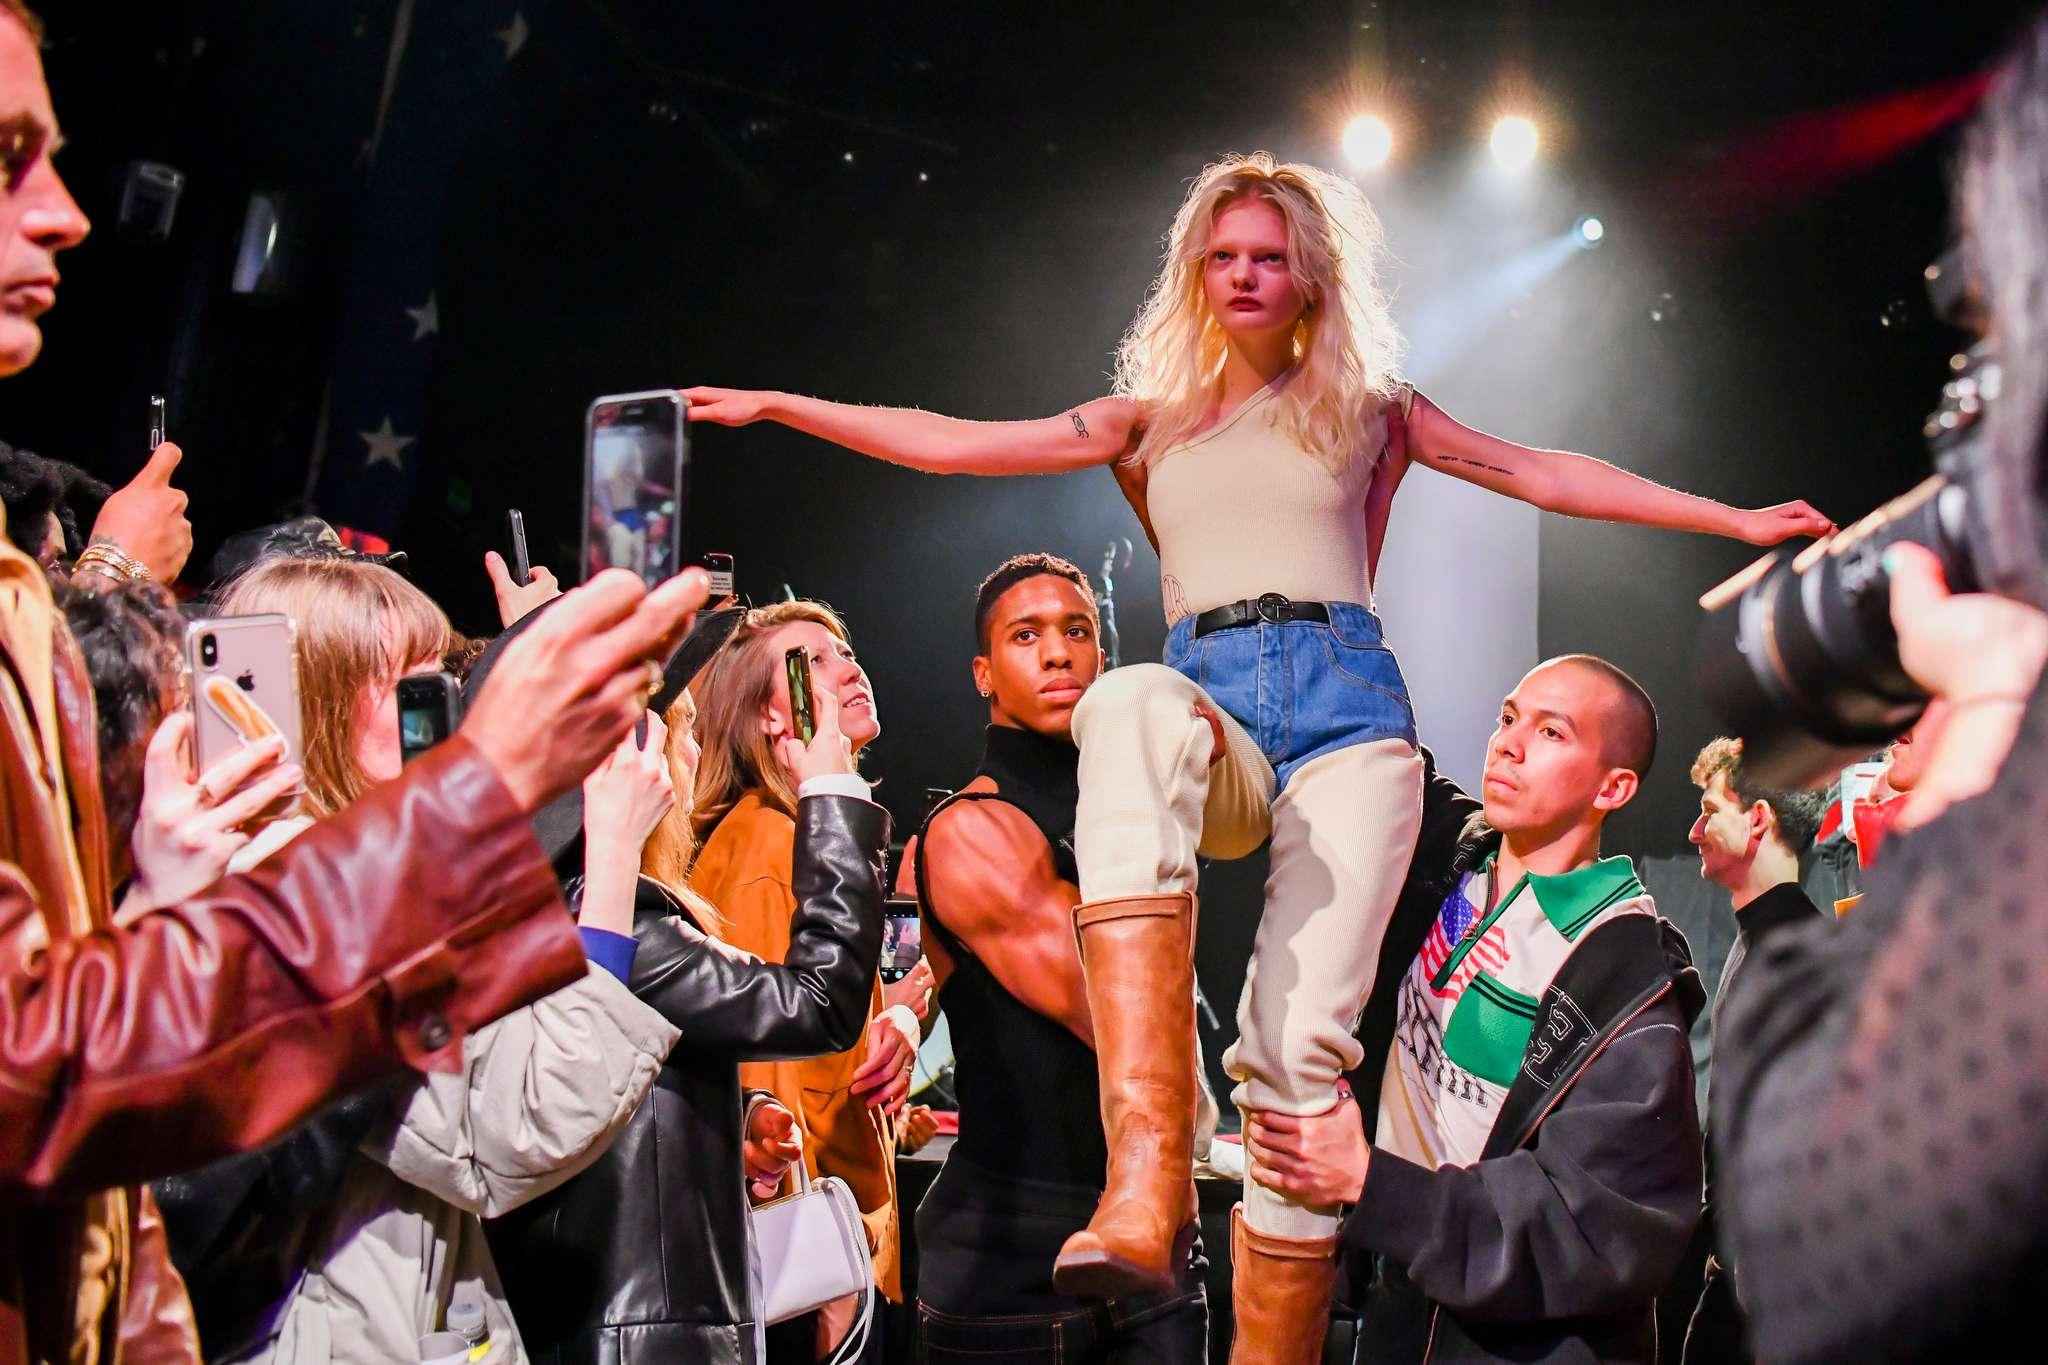 khoảnh khắc ấn tượng tại Tuần lễ Thời trang New York 2019 8